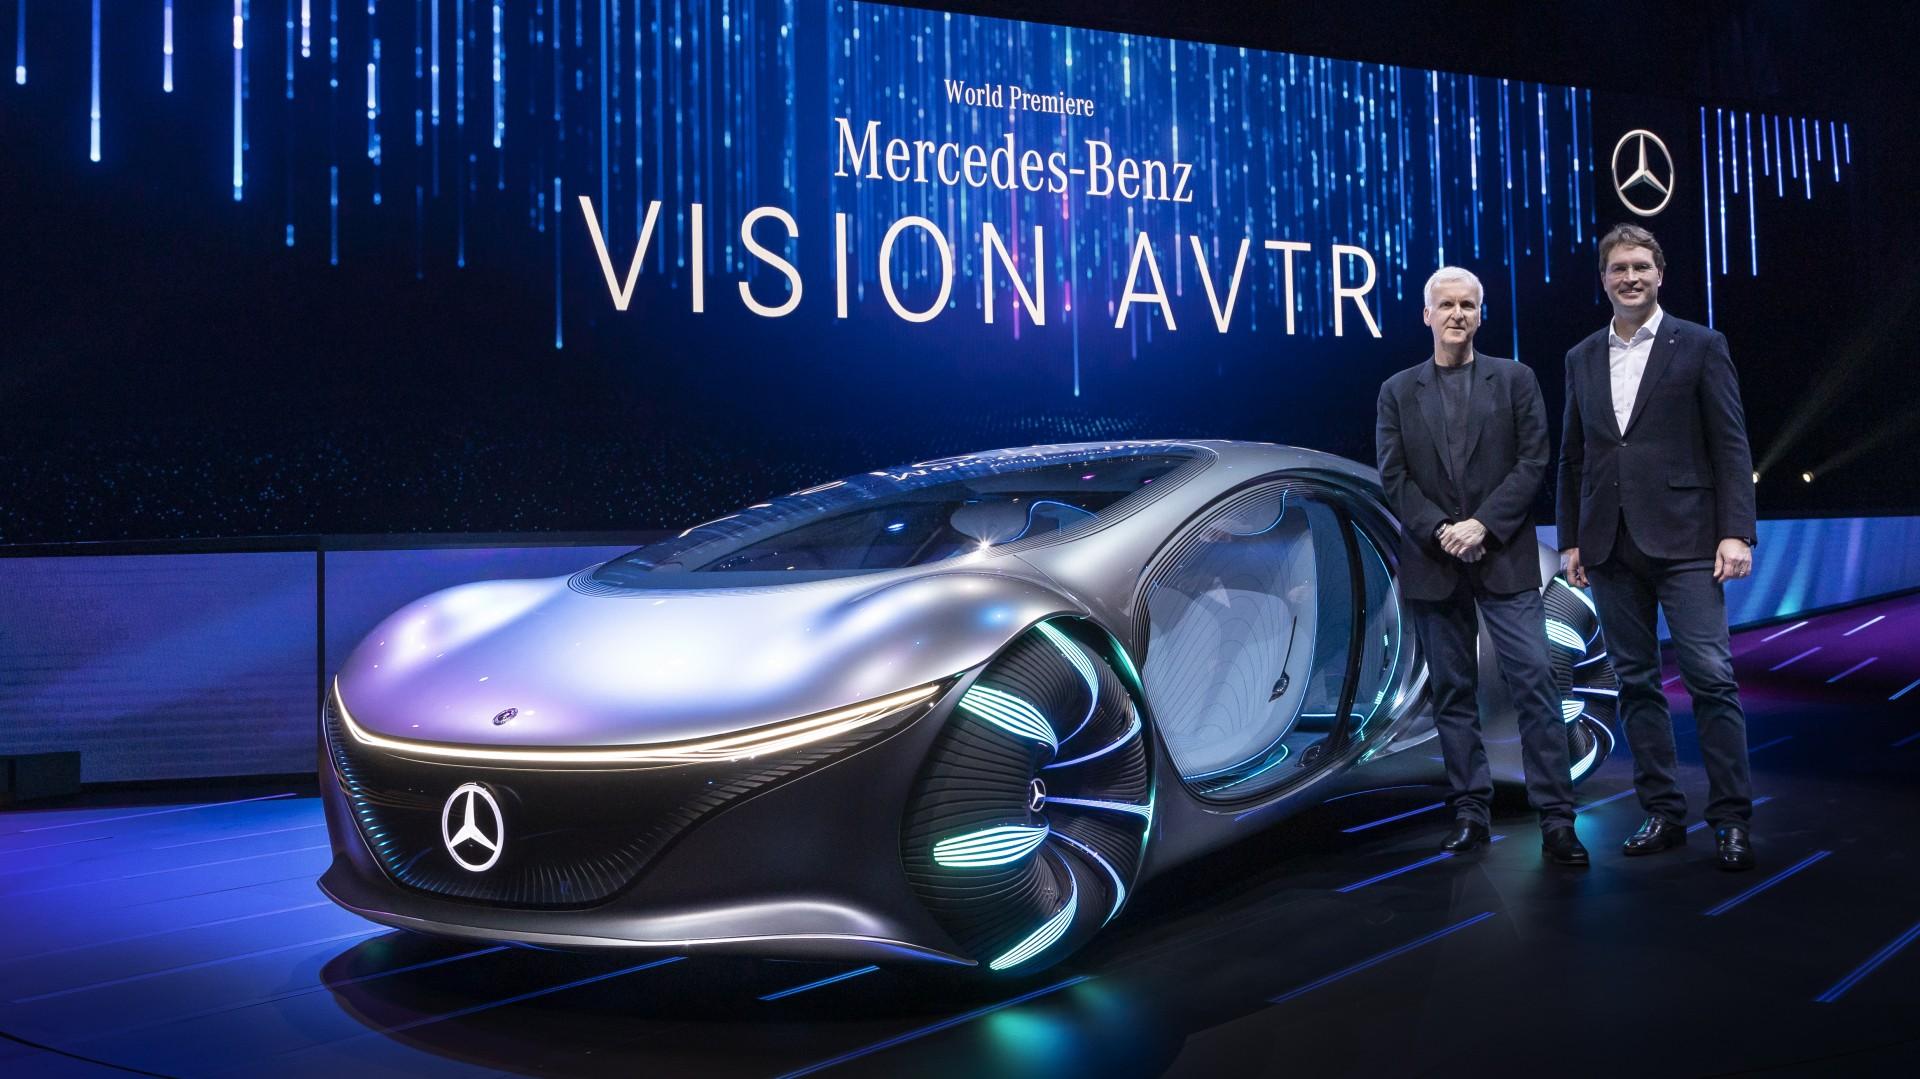 Ola Källenius, président du conseil d'administration de Daimler AG et Mercedes-Benz AG et Jon Landau (producteur des films AVATAR) présentent le concept VISION AVTR